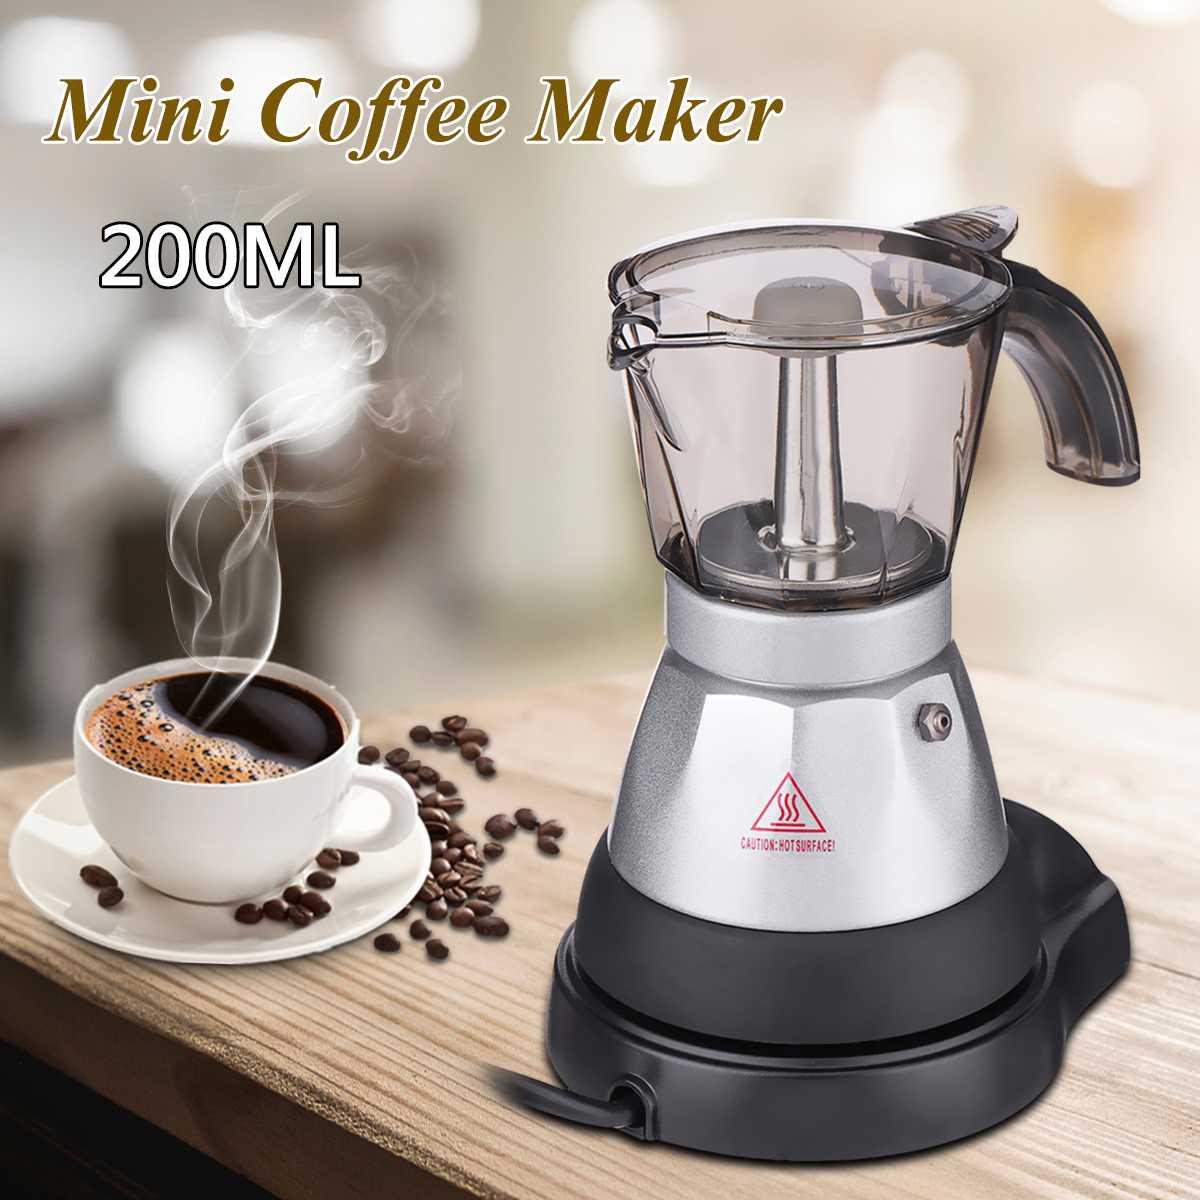 Cafetera Espresso eléctrica de 4 tazas 2 uds, cafetera percoladora Moka, cafetera con almohadilla de café